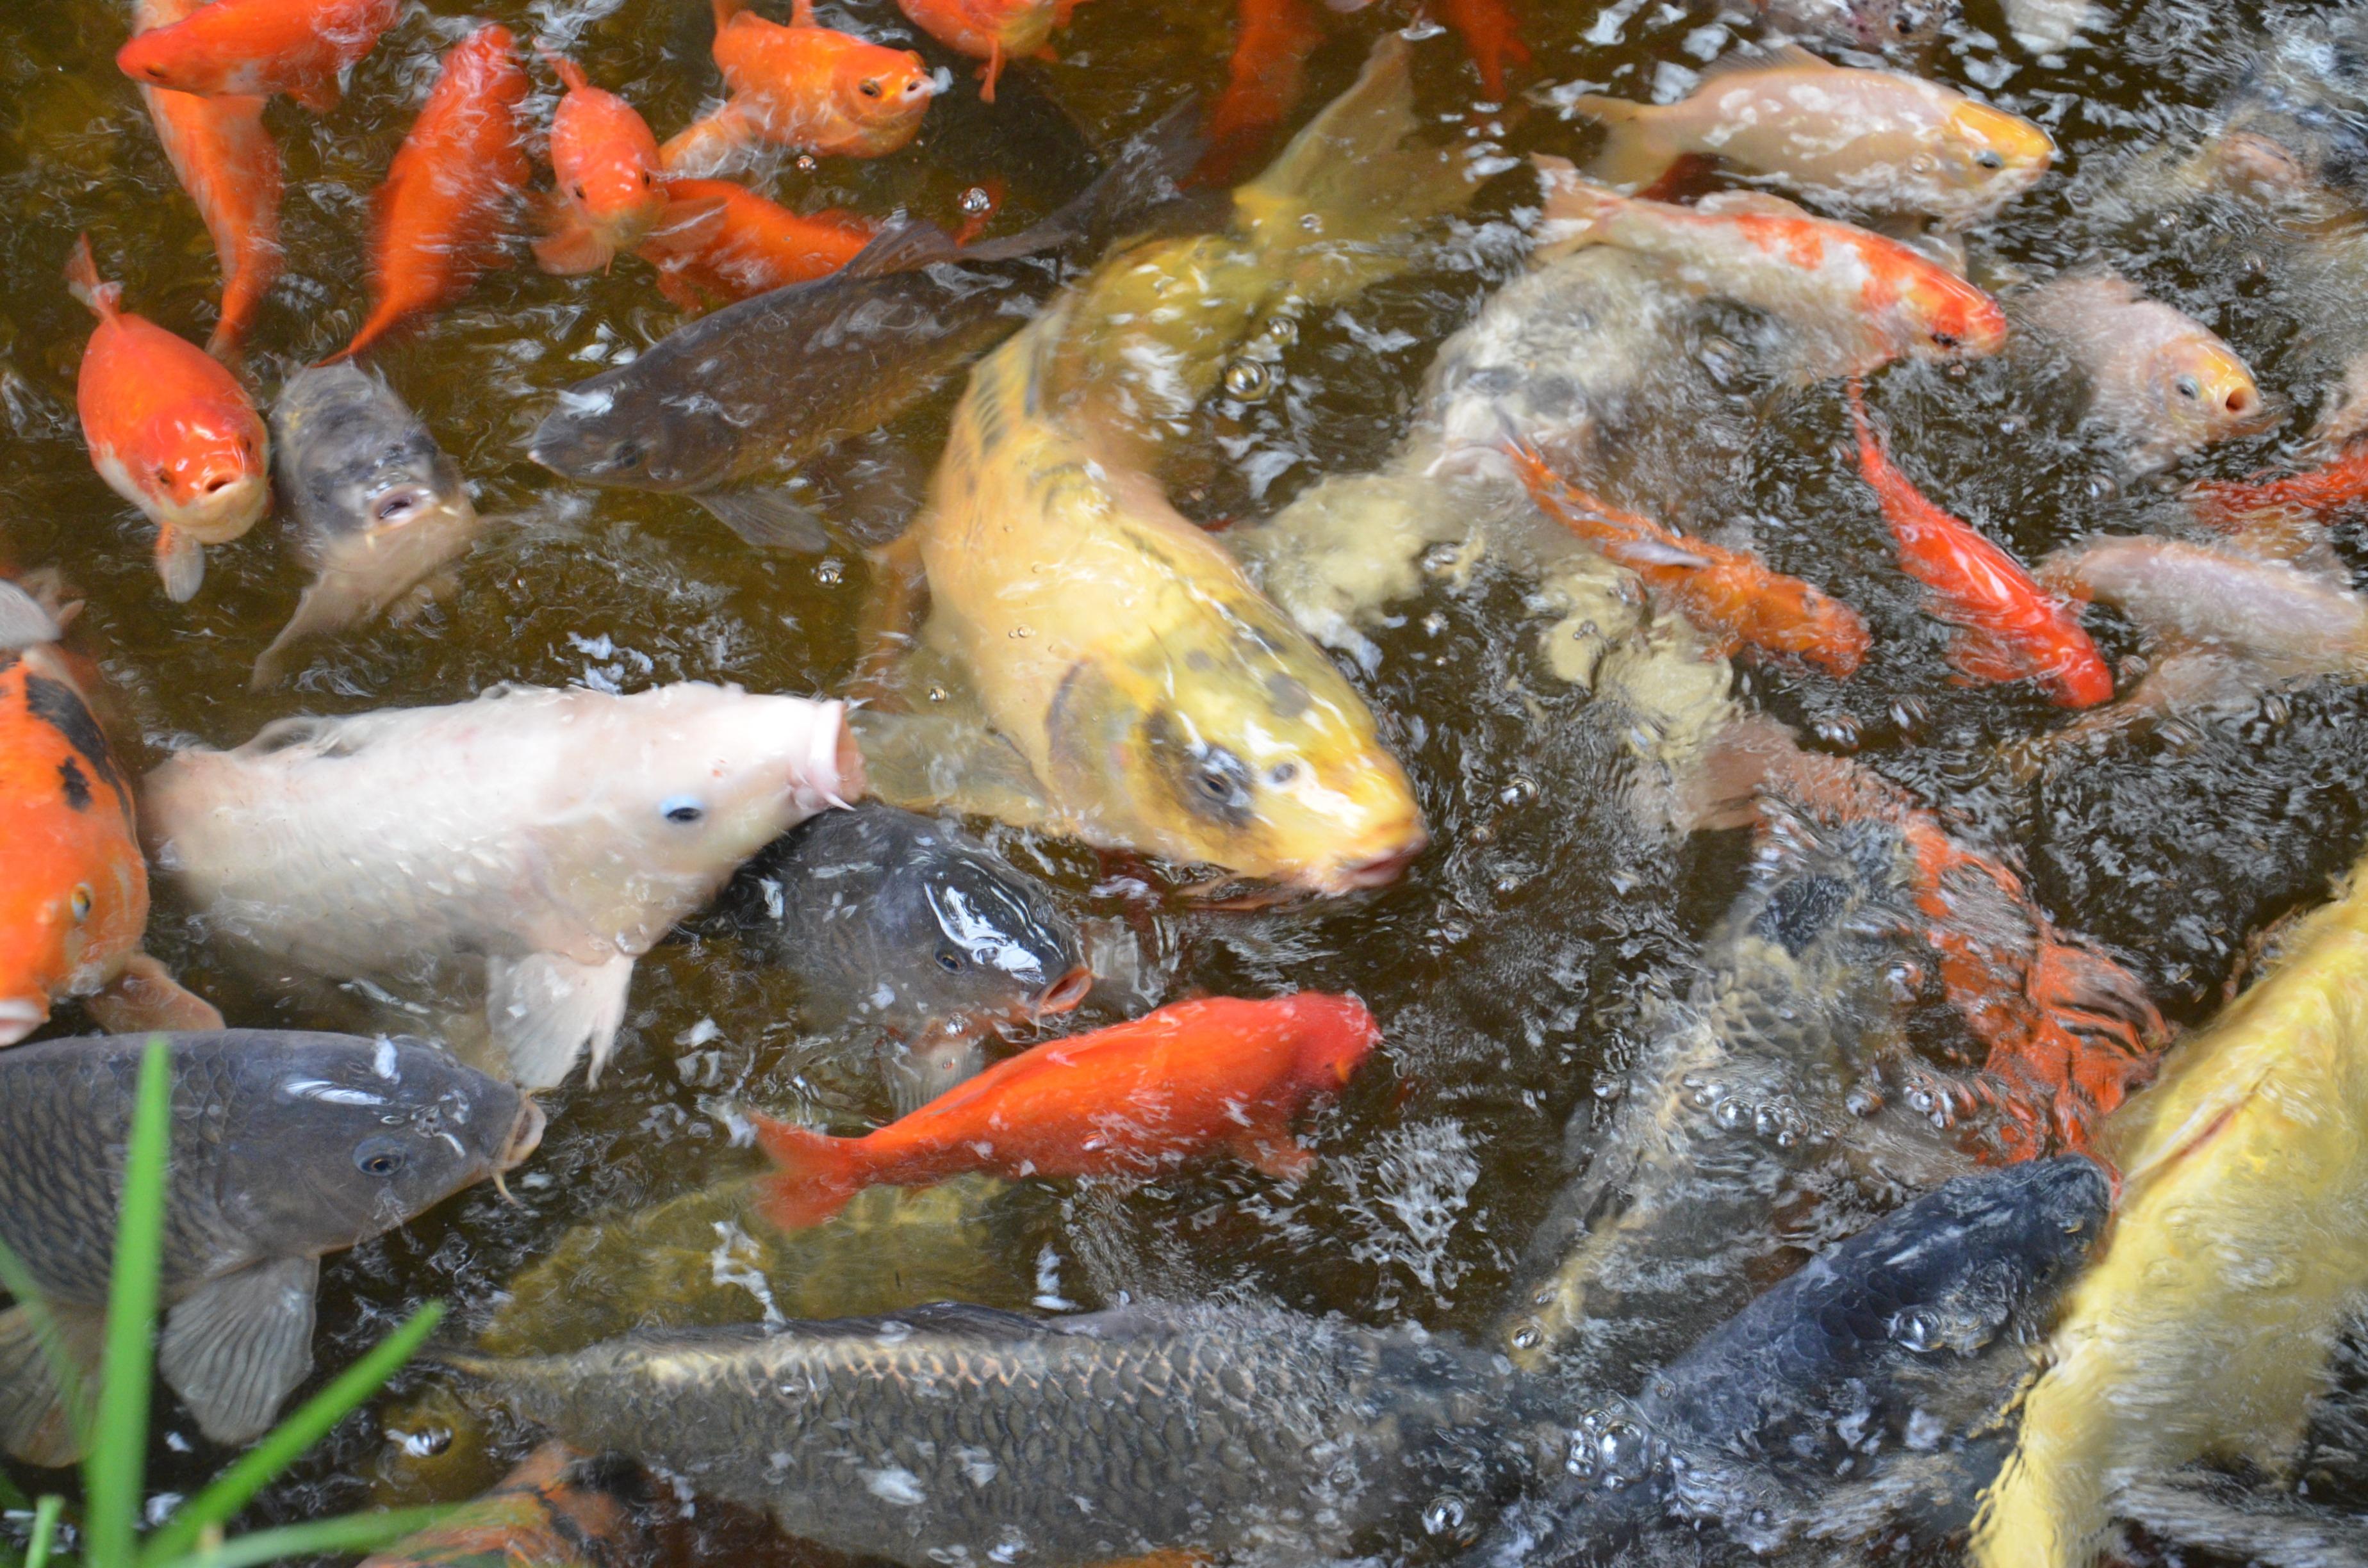 estanque nadar escala pescado fauna pez de colores koi carpa escamas aletas especies estanque de peces